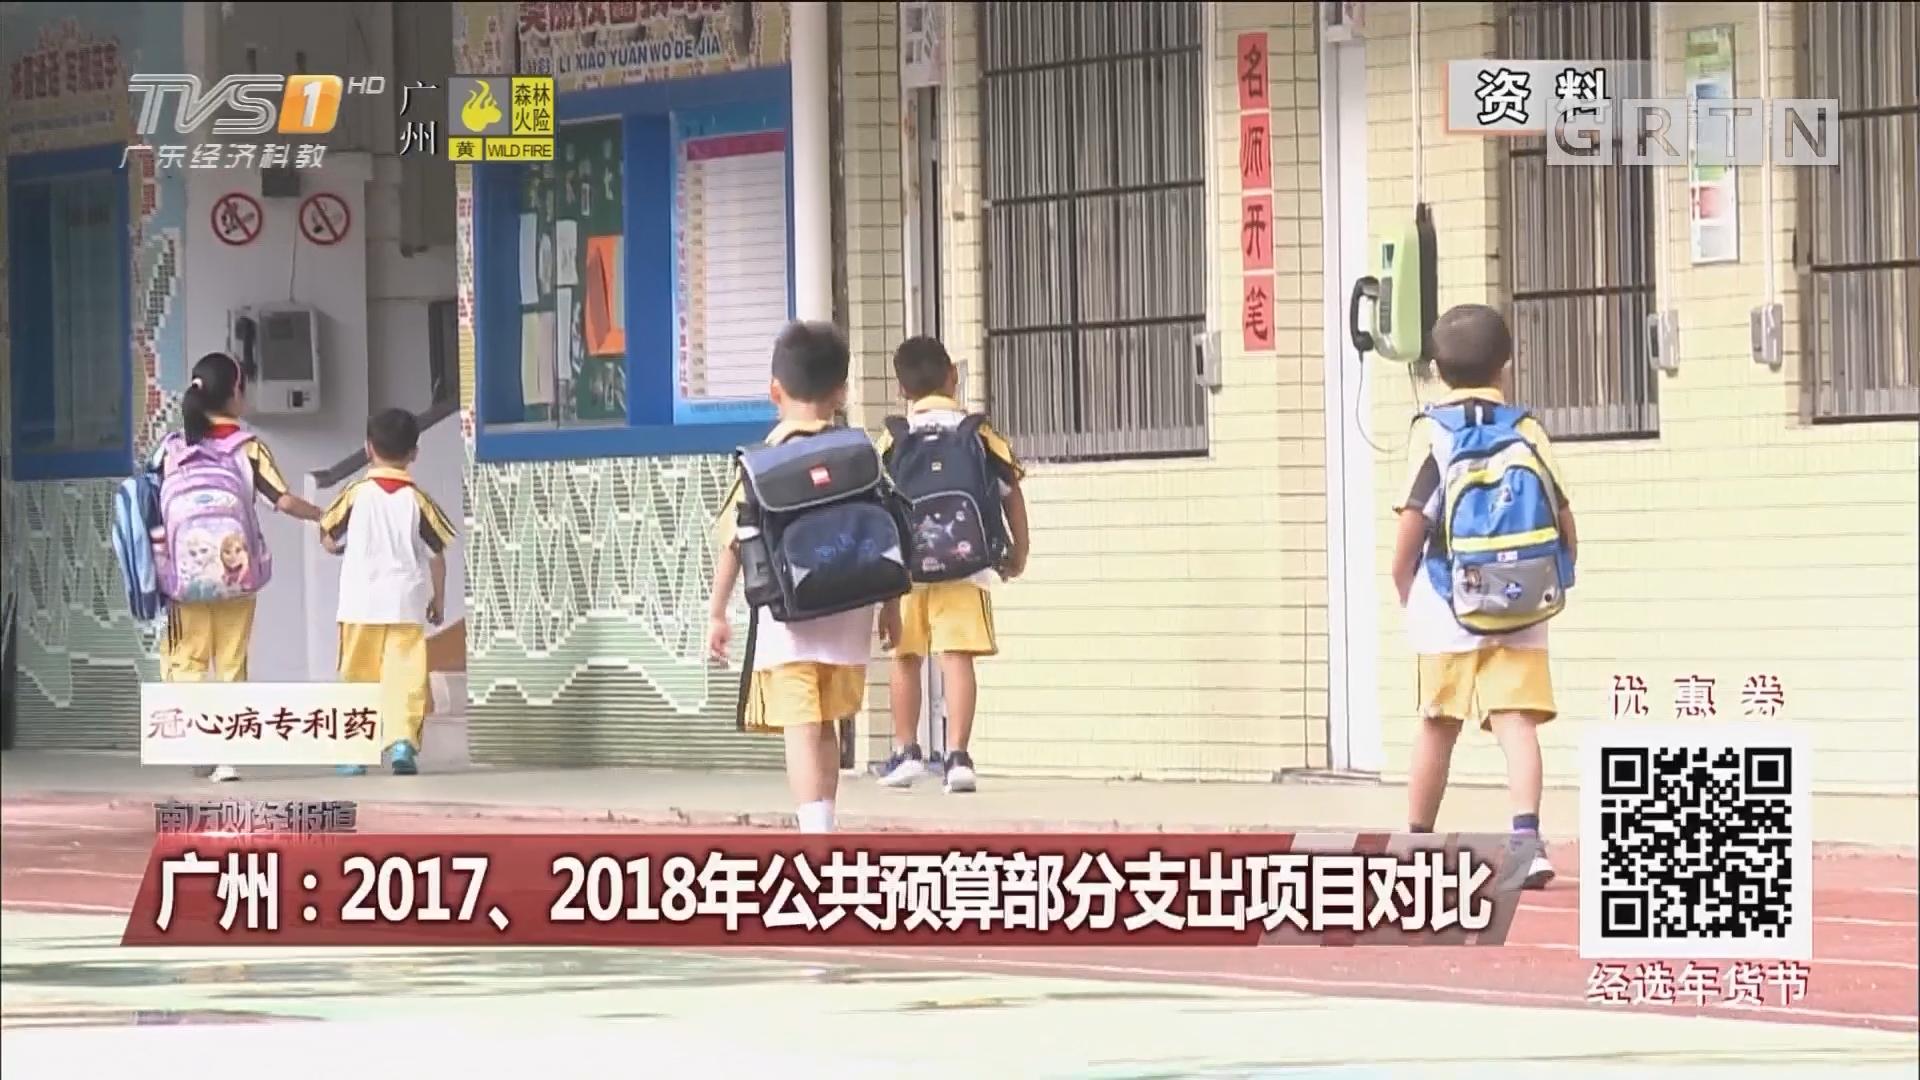 广州:2017、2018年公共预算部分支出项目对比